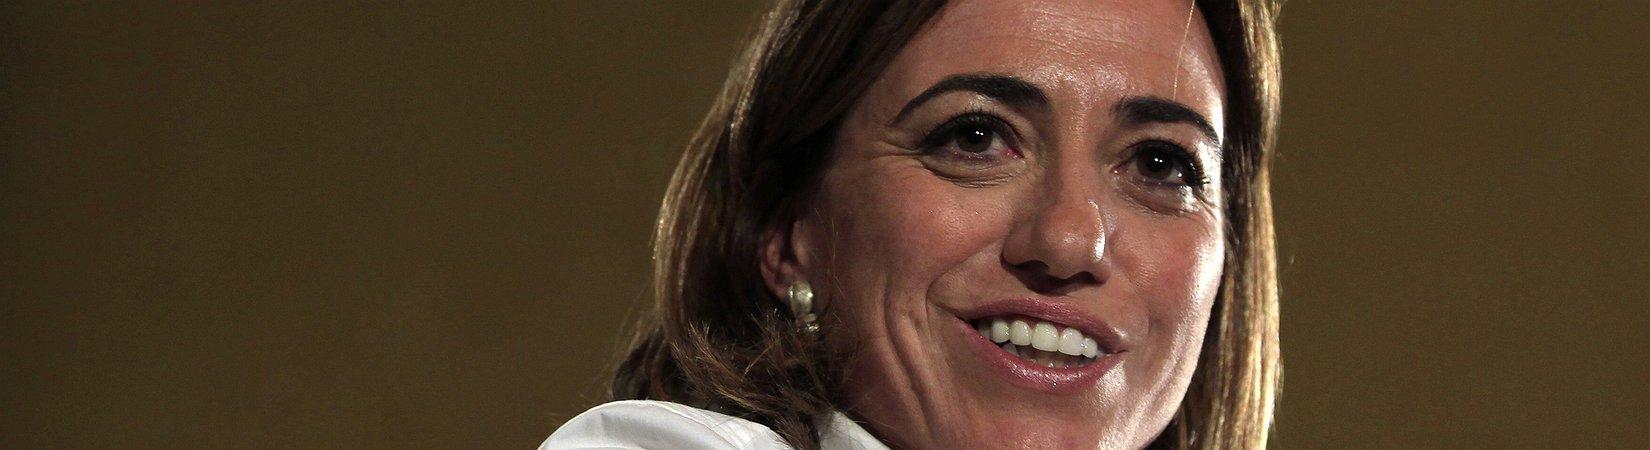 Fallece Carme Chacón a los 46 años